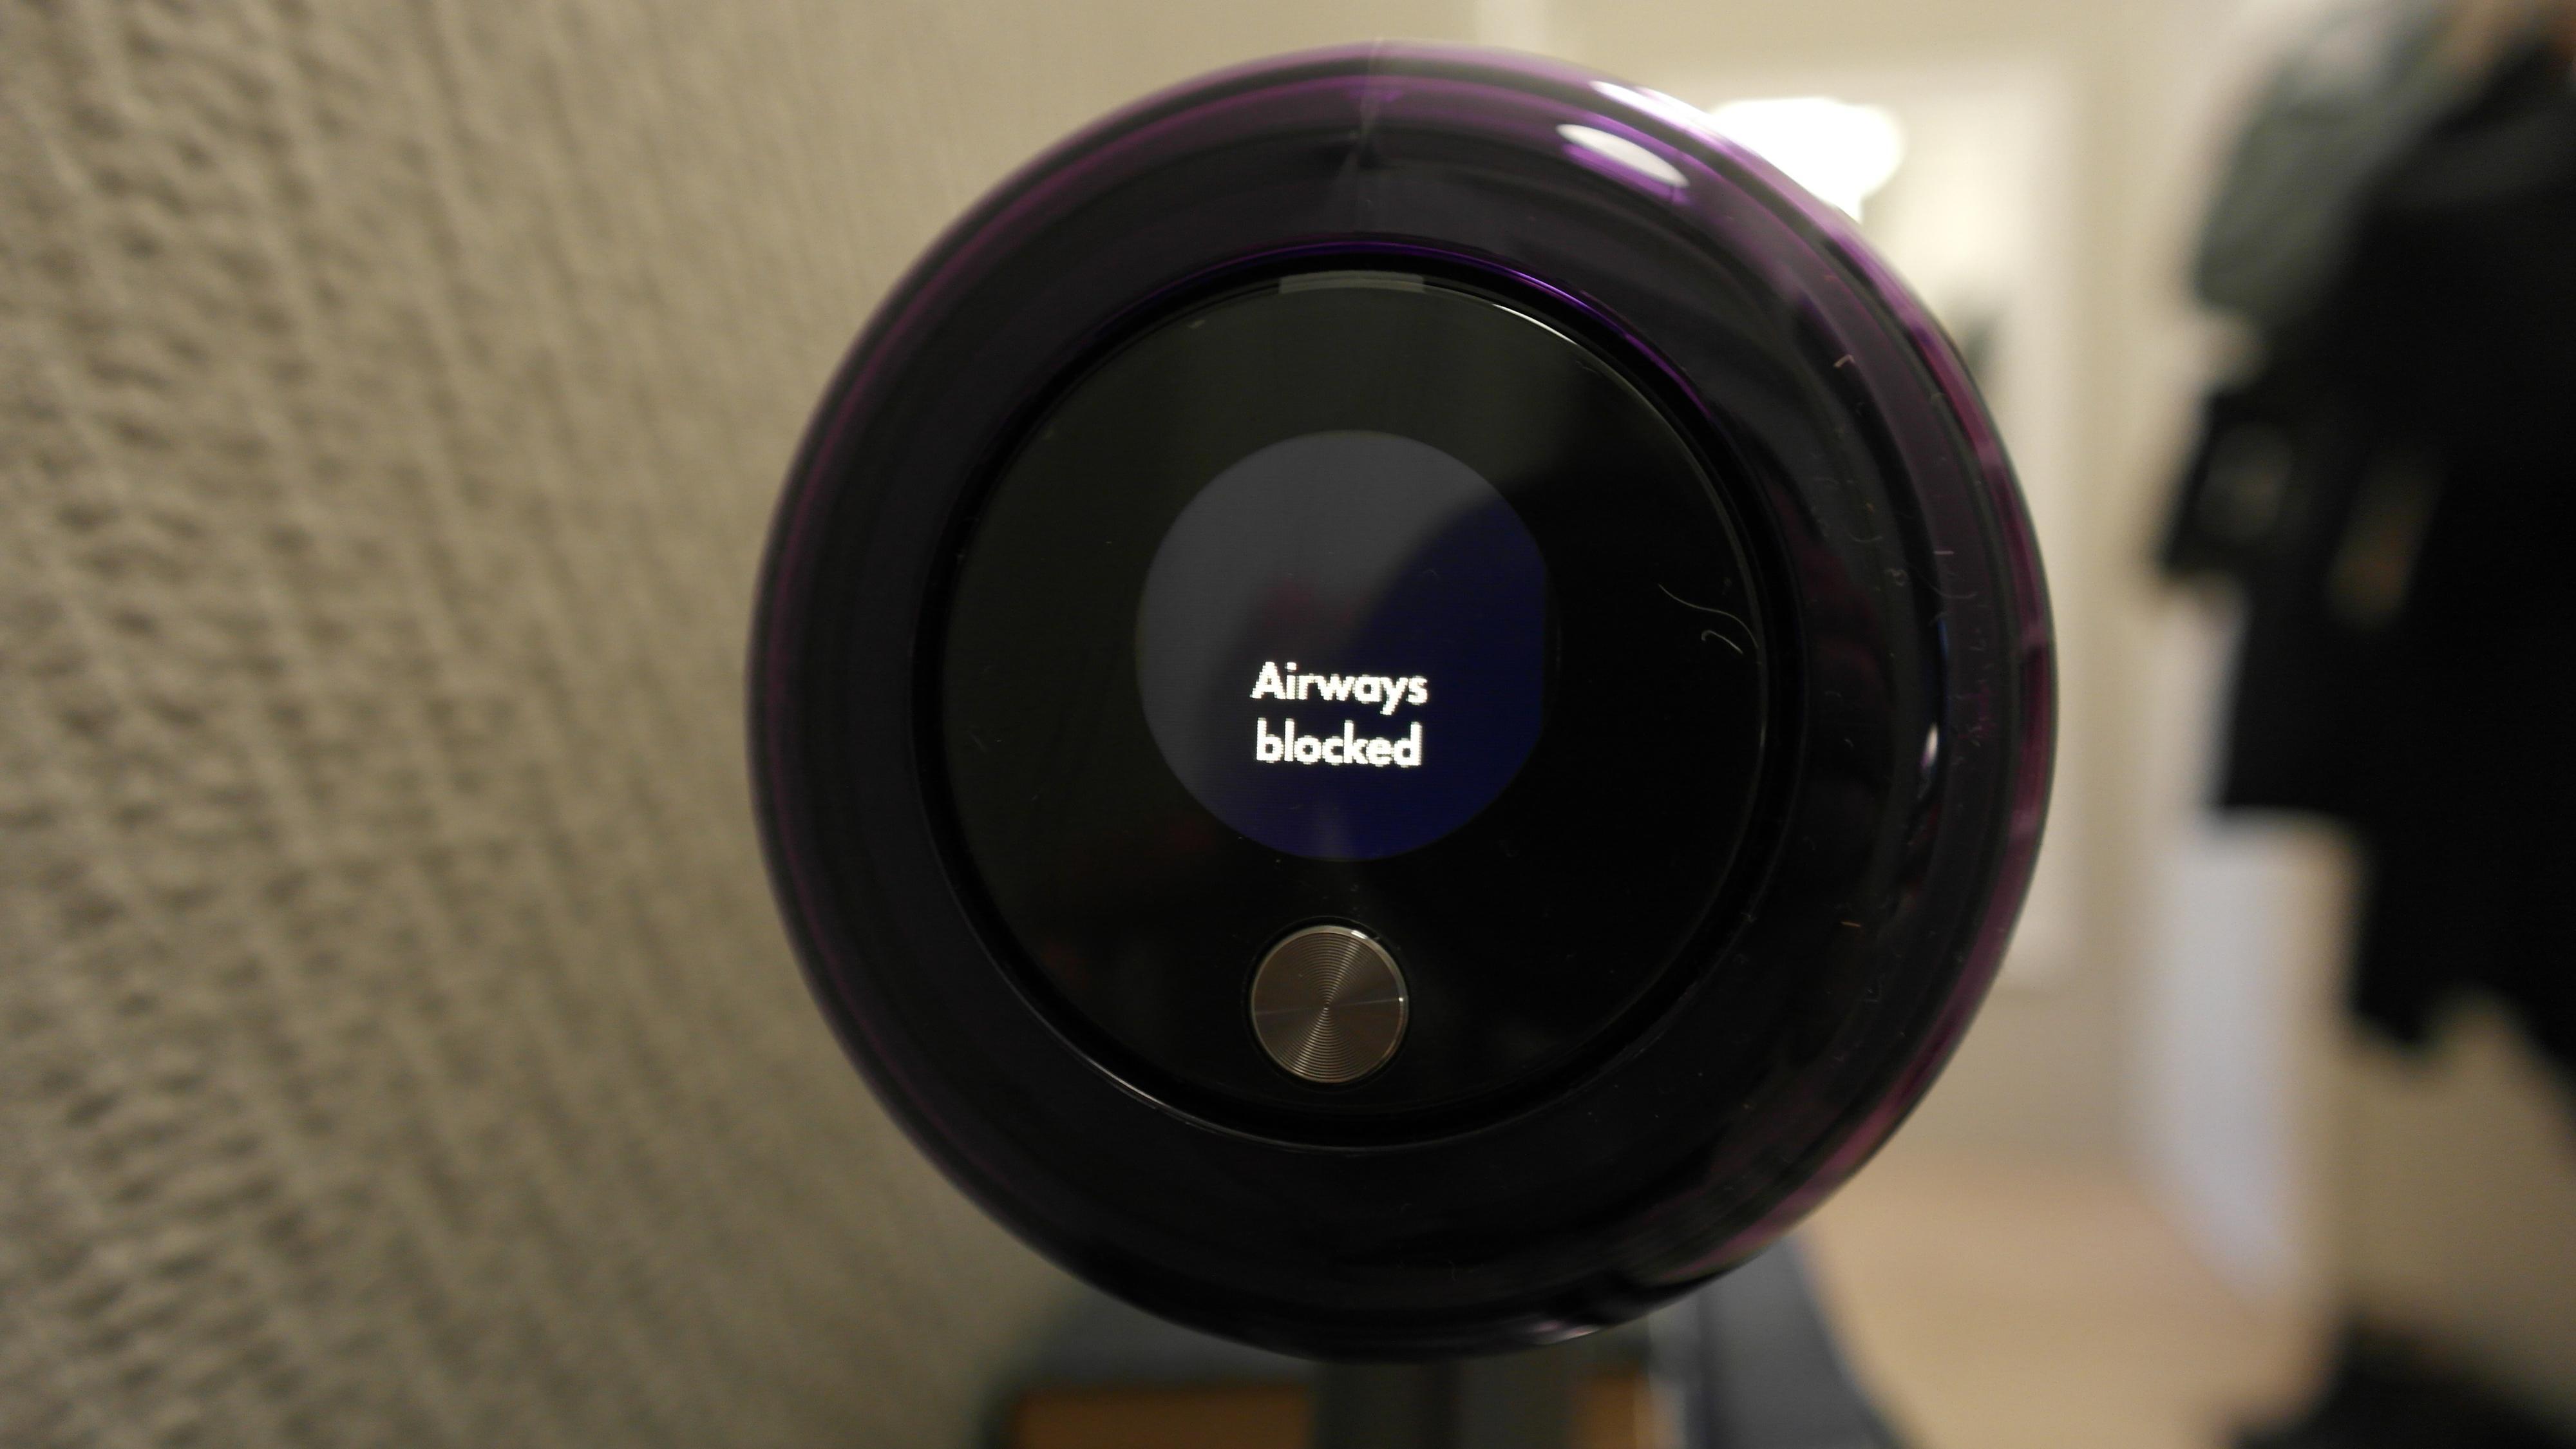 Det nye LED-displayet sier blant annet ifra hvis noe sitter fast i systemet.